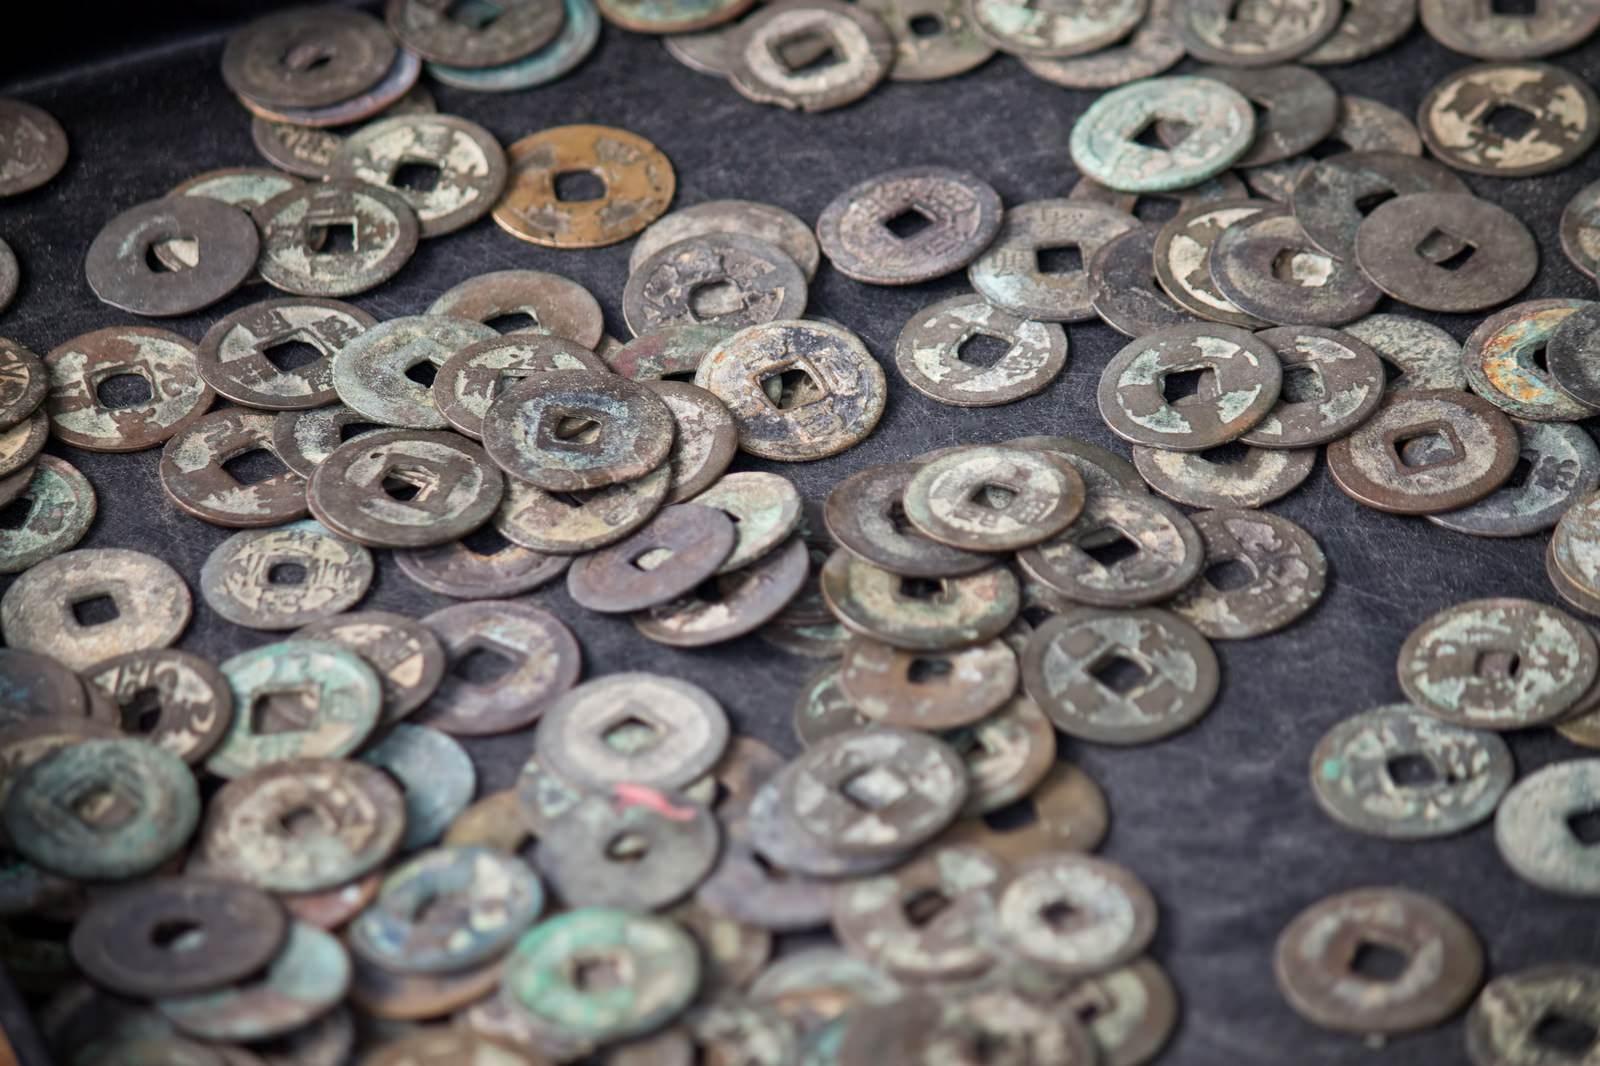 「散らばった古銭」の写真